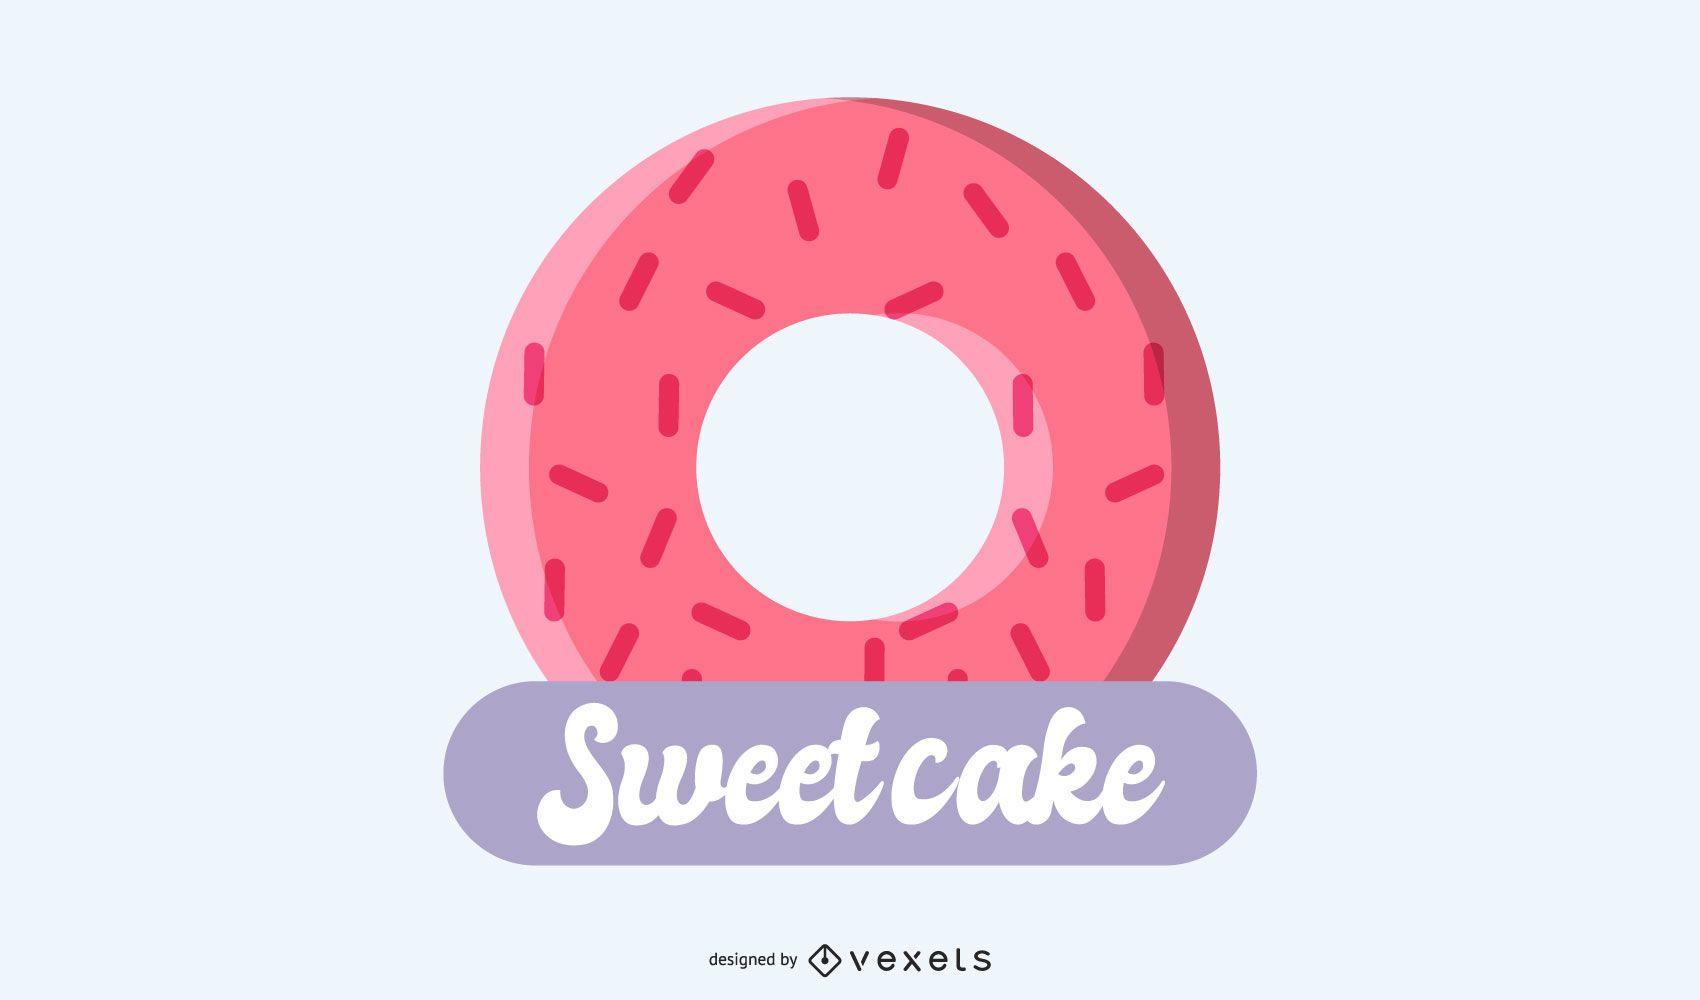 Sweet cake logo design